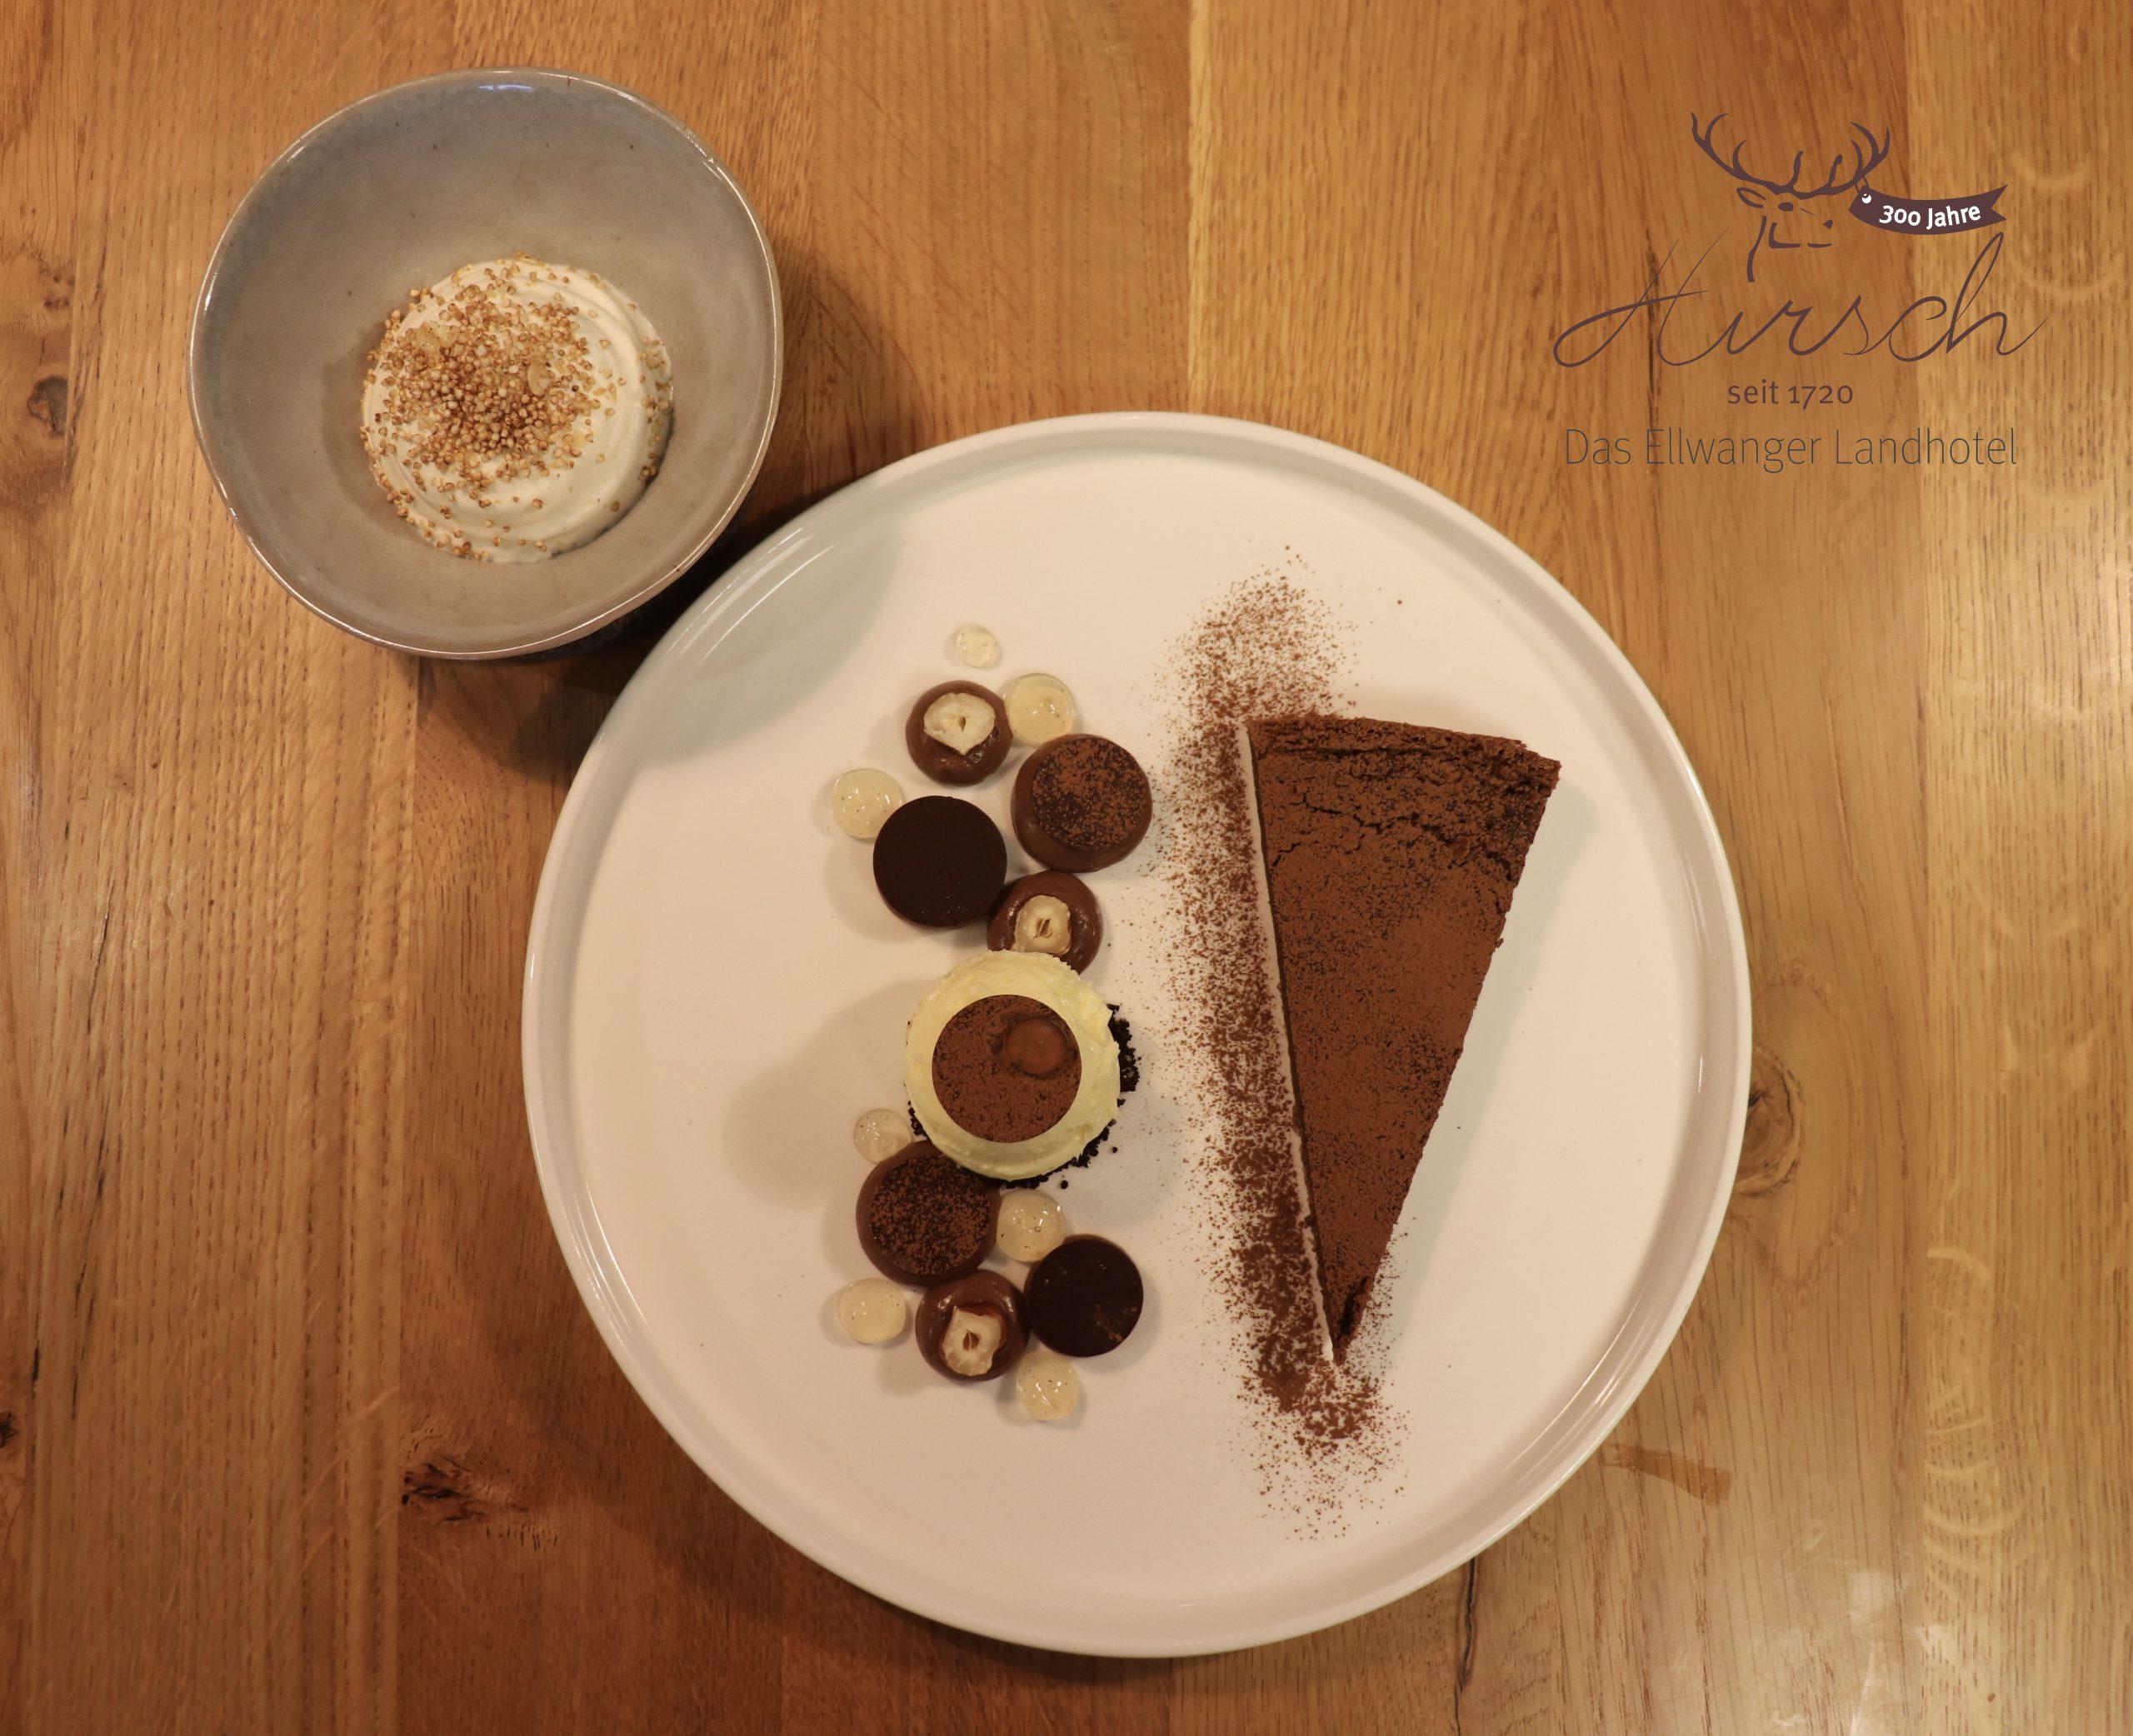 Schokoladen-Kiachle mit Vanille-Eis vom Hirsch – Das Ellwanger Landhotel